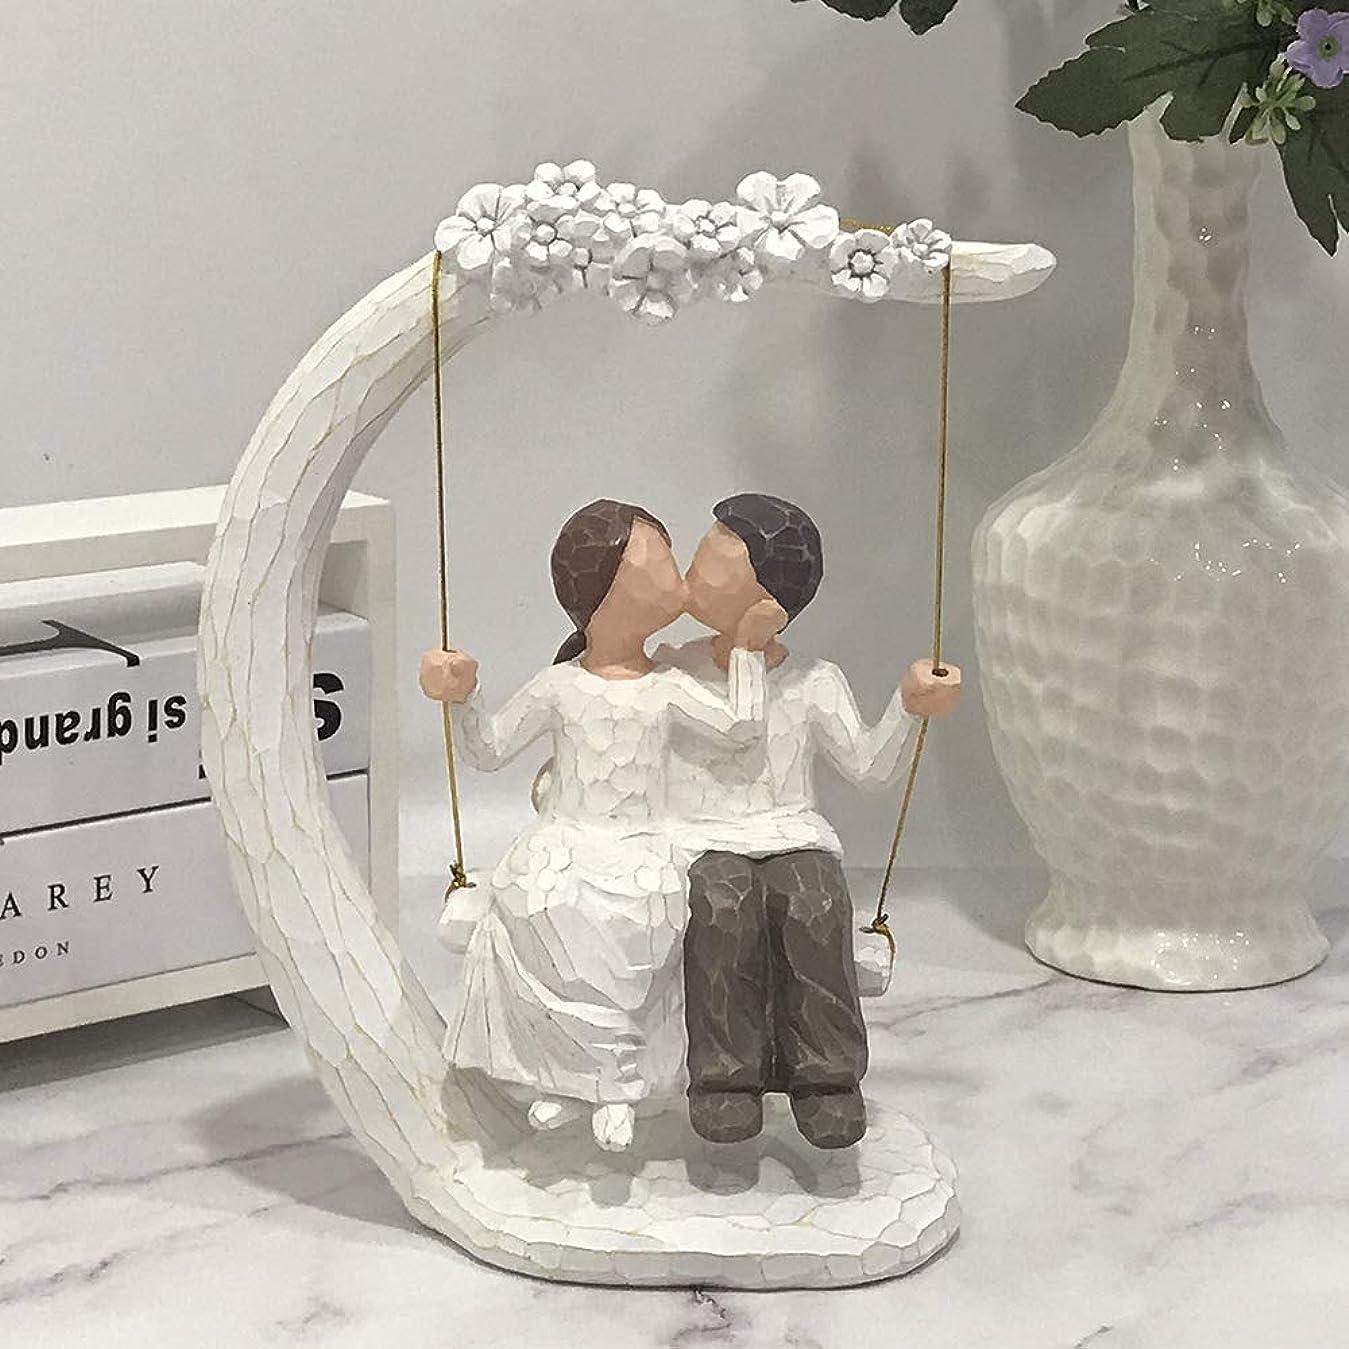 グループ規制するパースブラックボロウJHP 結婚式の置物 カップル ブランコ 樹脂製 結婚祝い 結婚記念日 いい夫婦の日 恋人 夫婦 誕生日プレゼント バレンタインデー ラブラブ